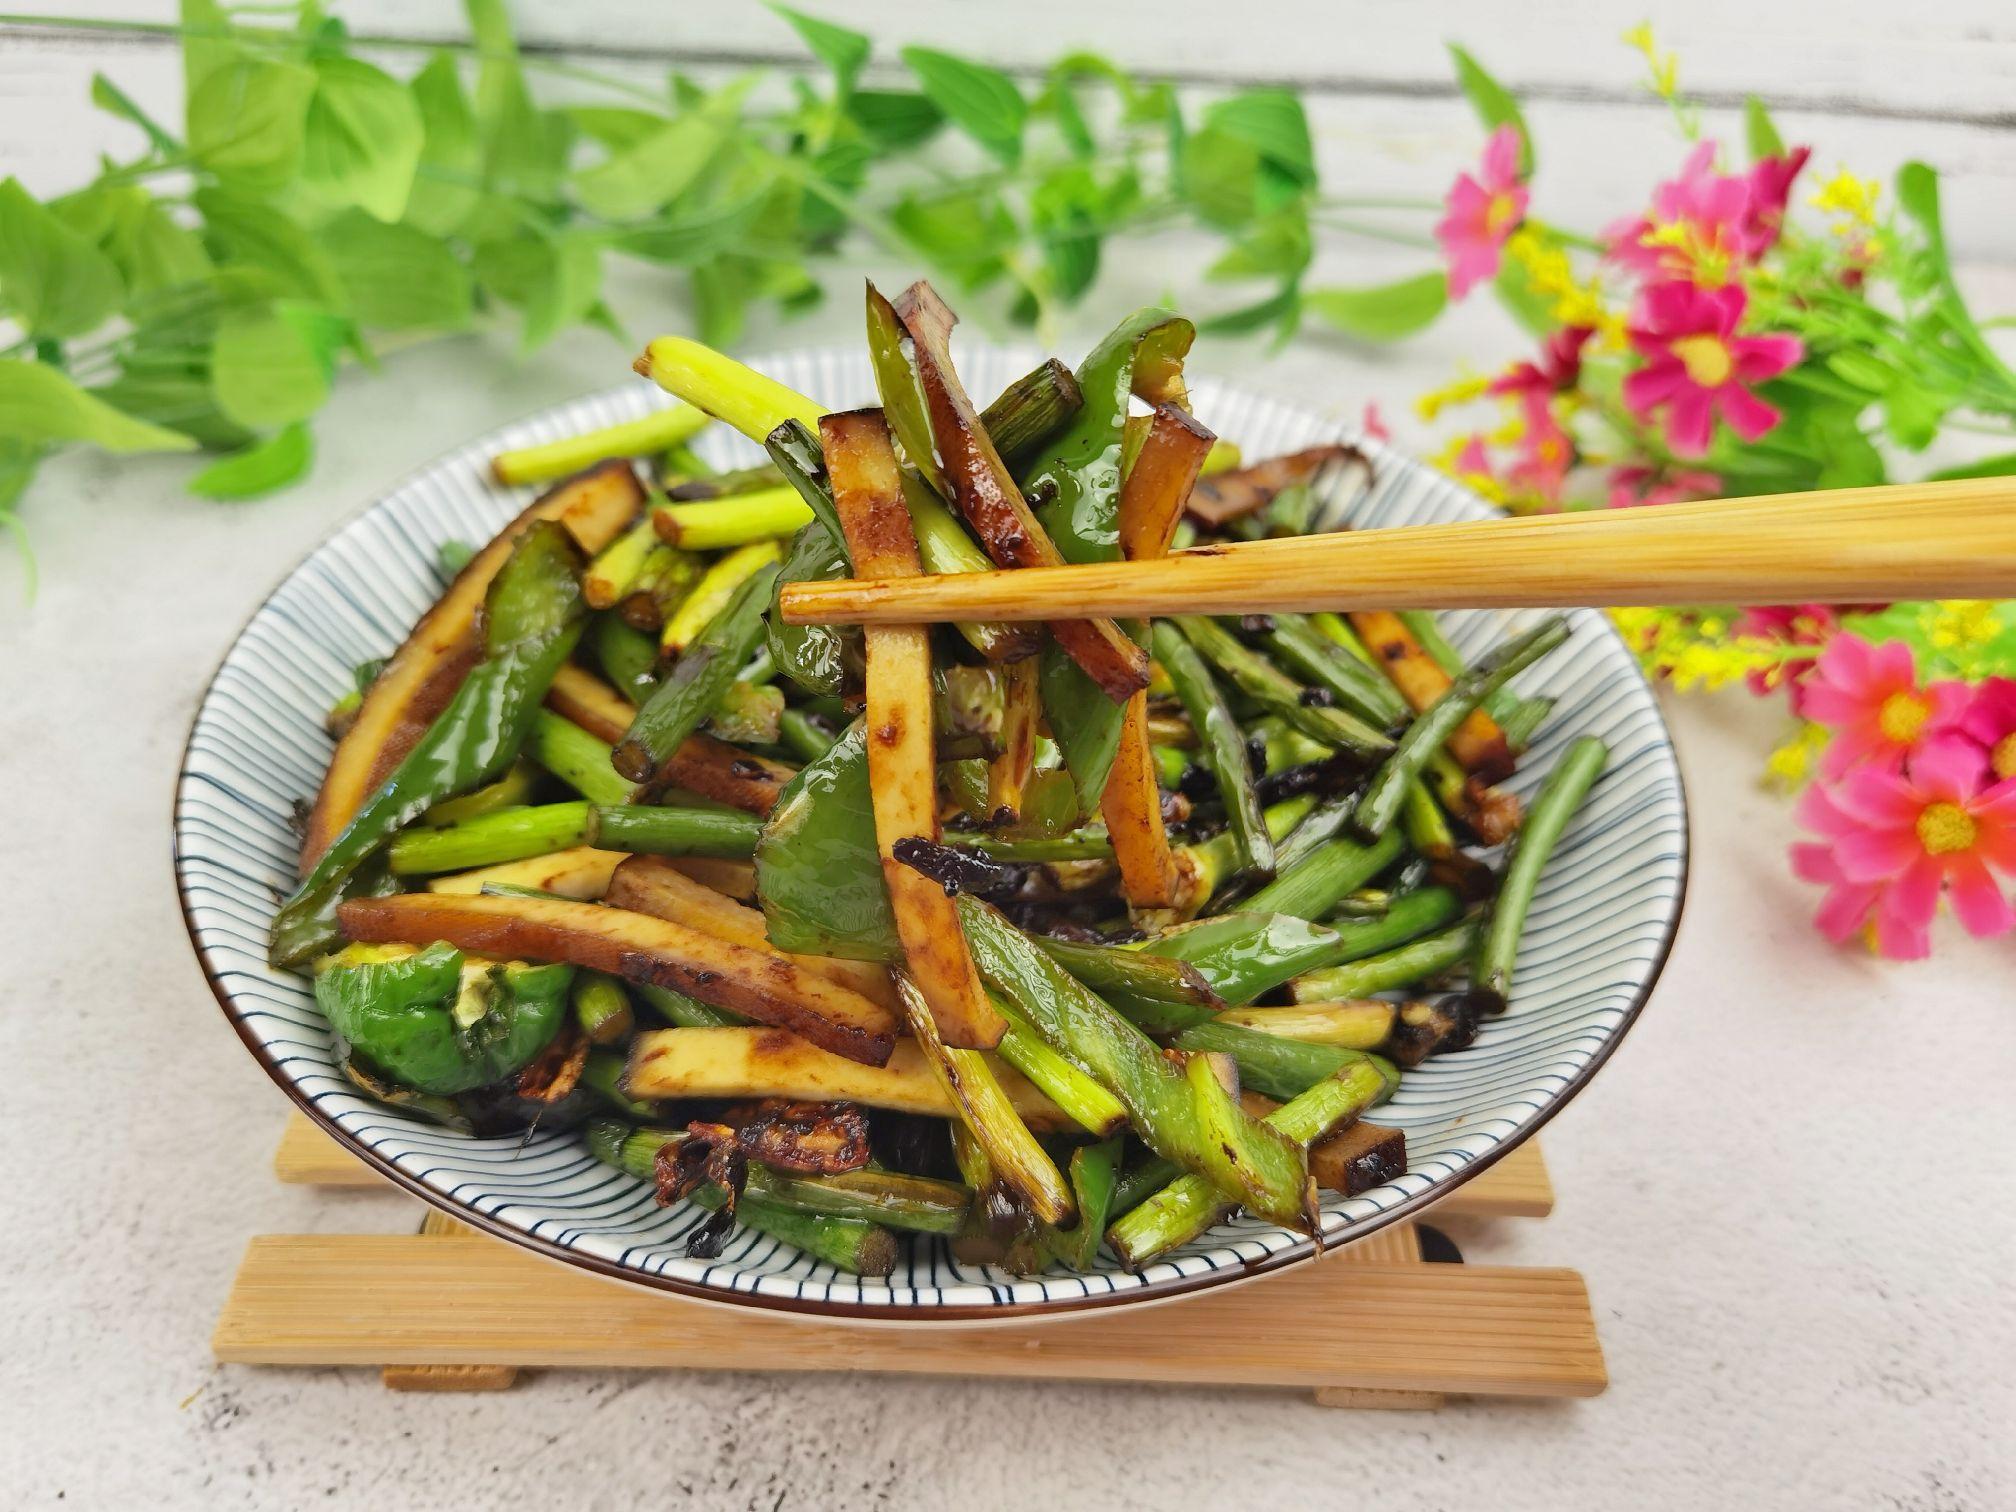 蒜苔和豆干这样炒,就算没有肉,也依然很下饭怎么炒